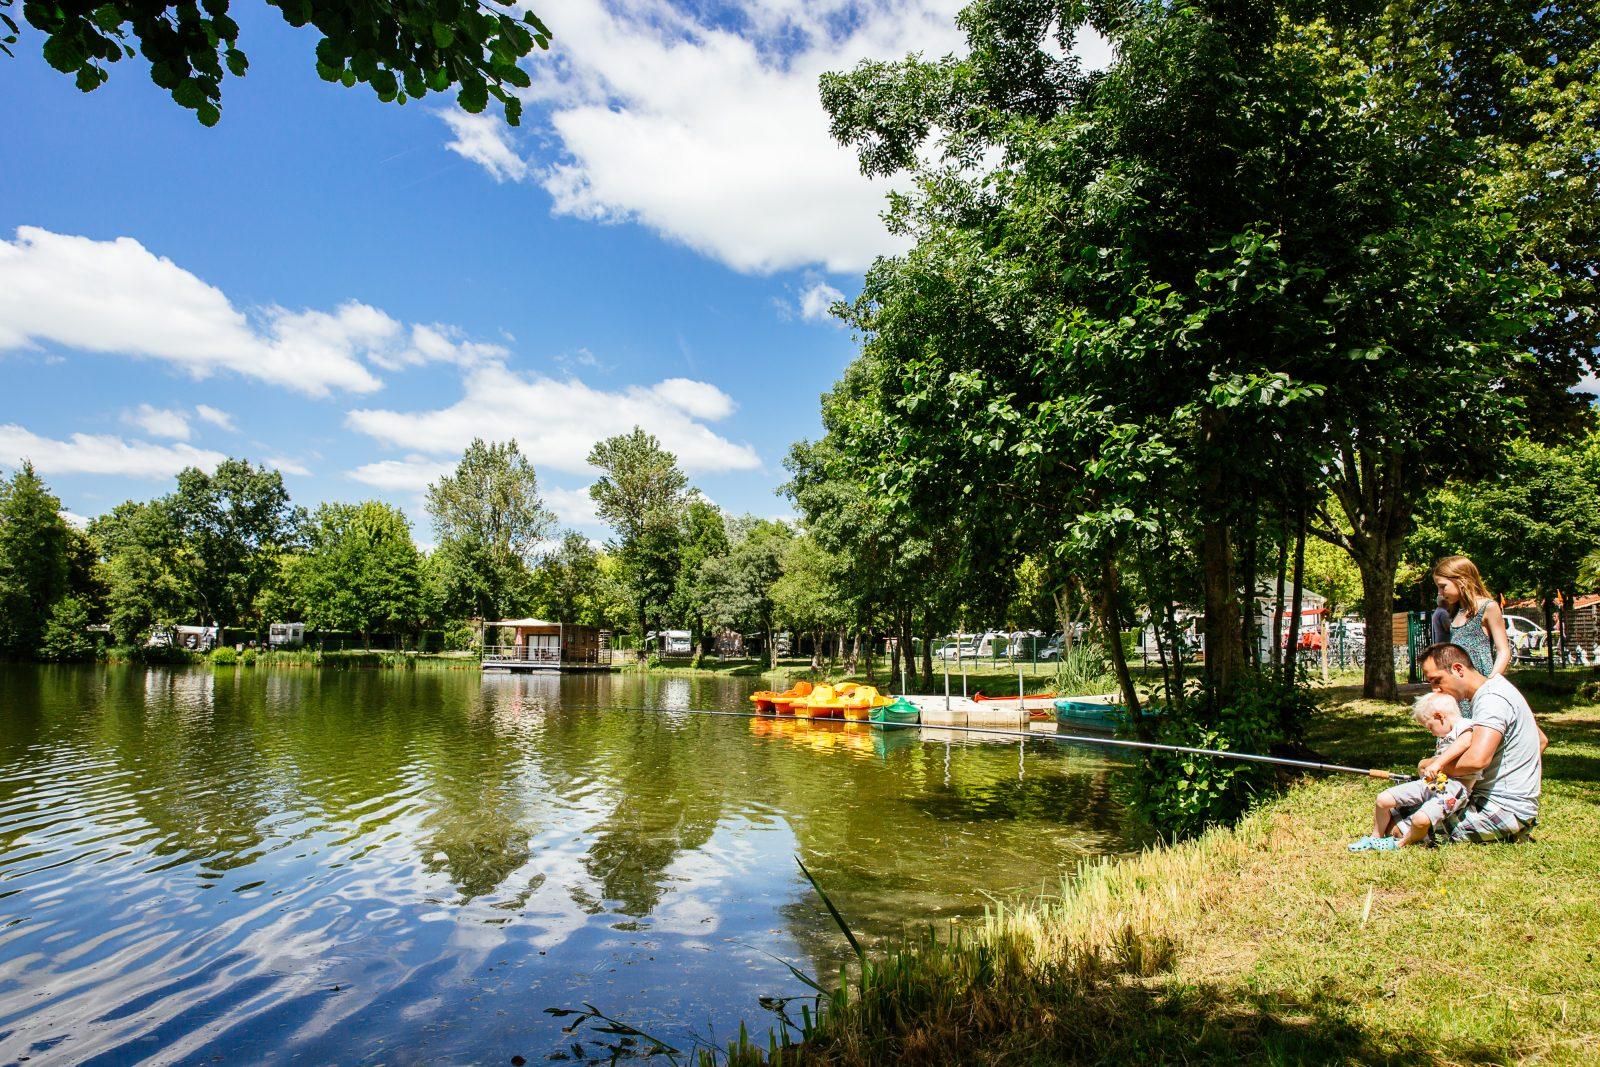 Yelloh saint EMilion – Lac de peche